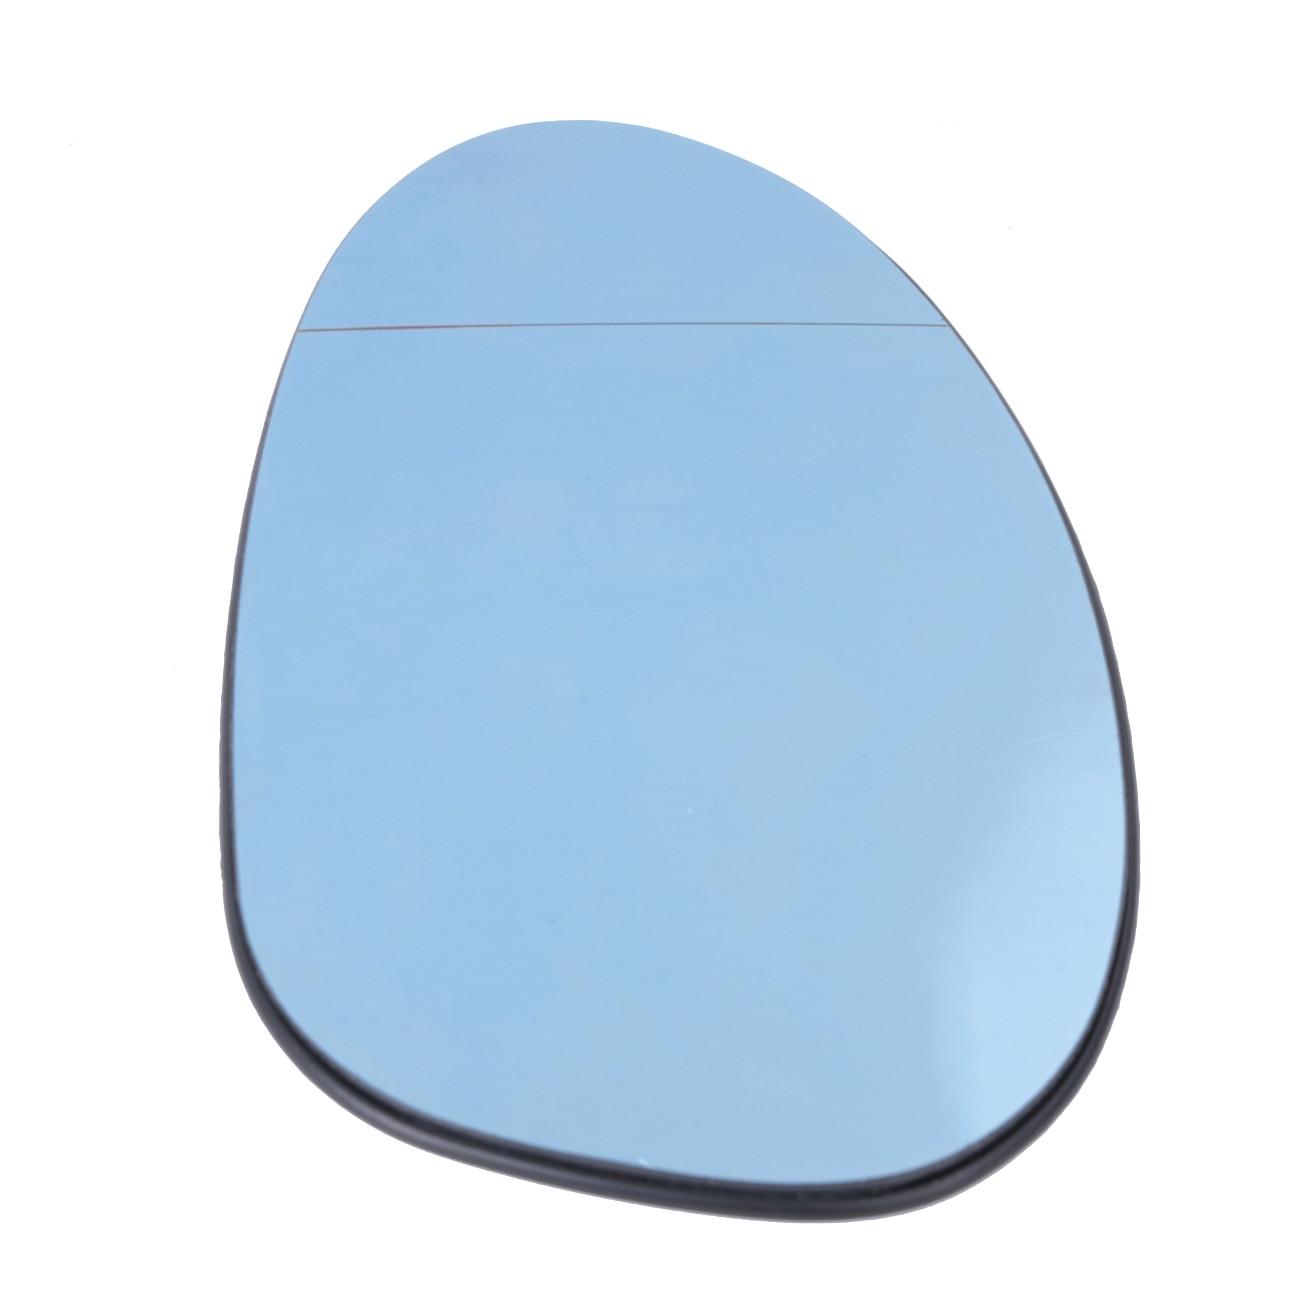 Bmw 3-series e36 m3 cristal espejo a la izquierda